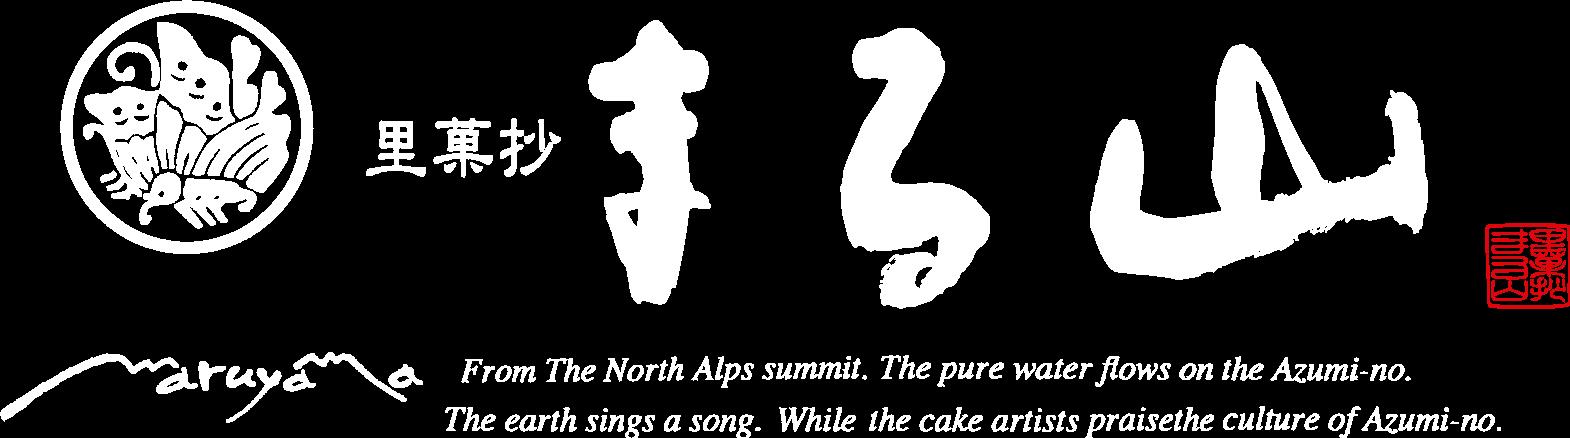 丸山菓子舗 公式サイト